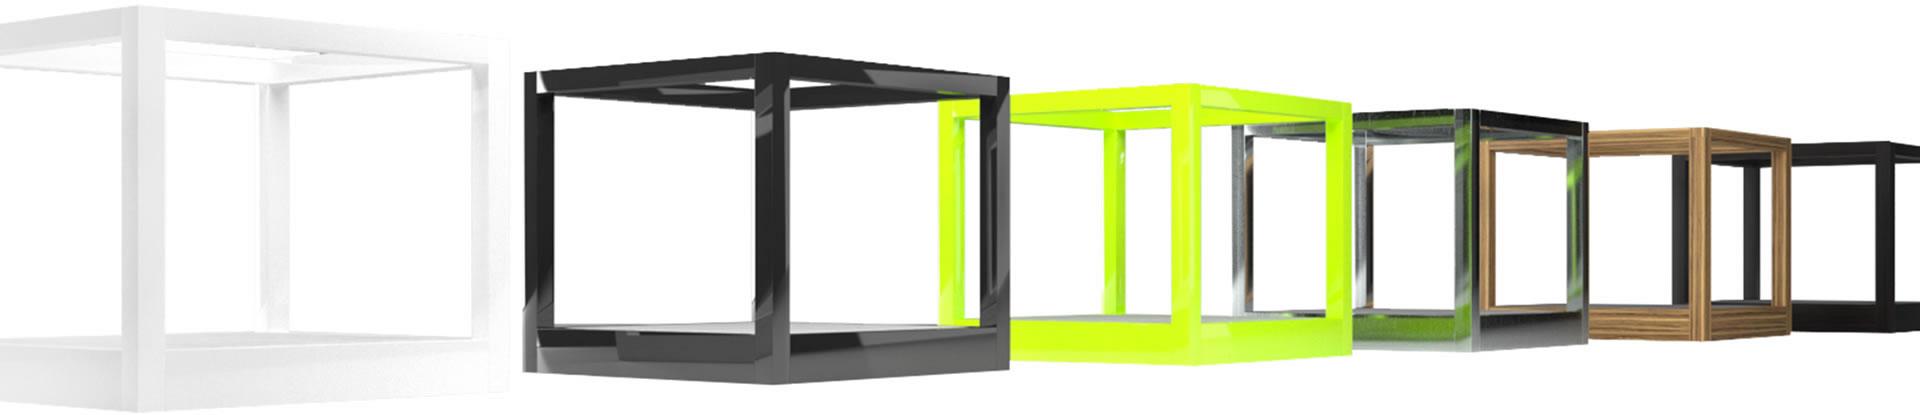 himmelbett ridiculum puristisches design himmelbett von. Black Bedroom Furniture Sets. Home Design Ideas